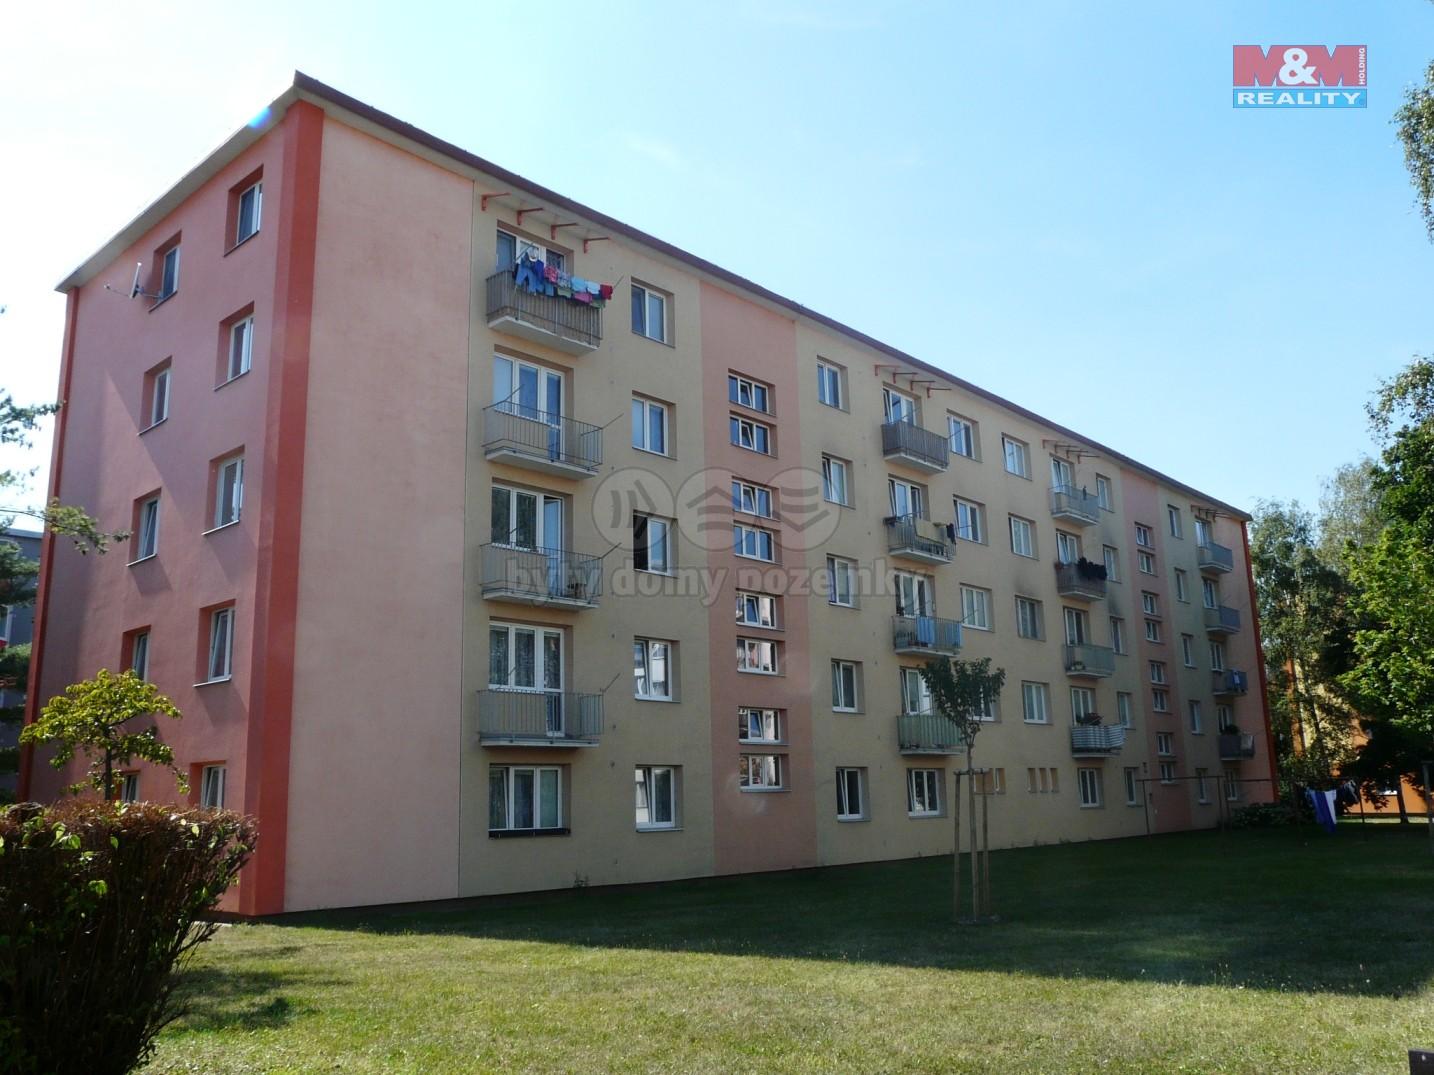 Prodej, byt 3+1, Šternberk, ul. Nádražní